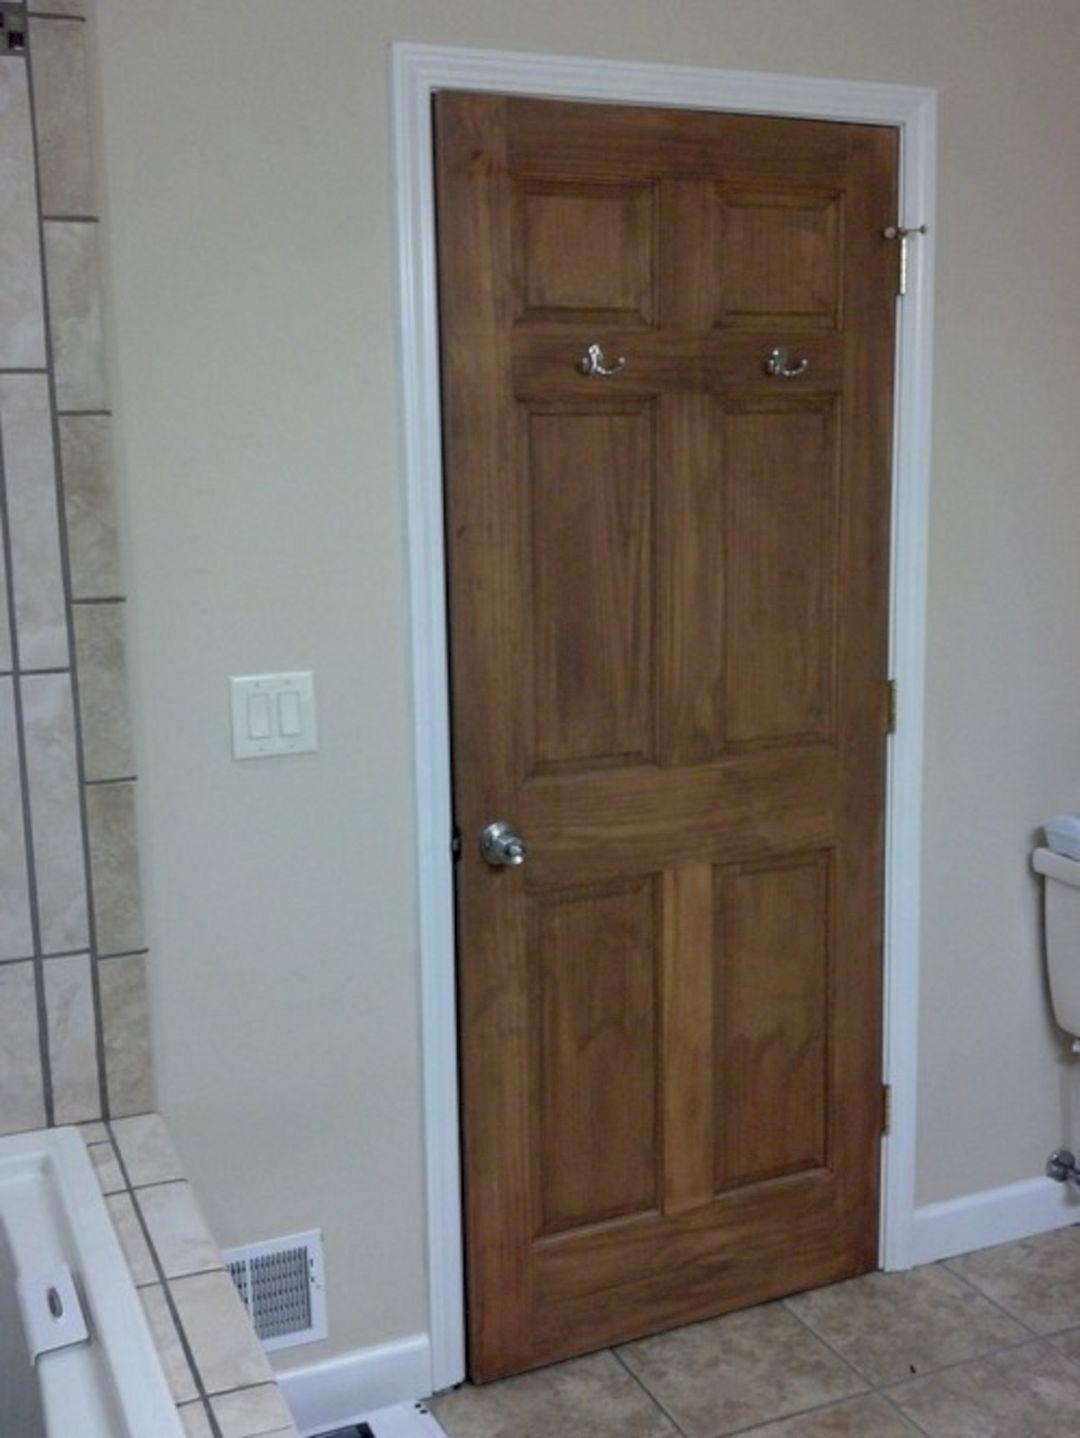 Interior doors white trim with woods interior doors white for Door trim designs interior